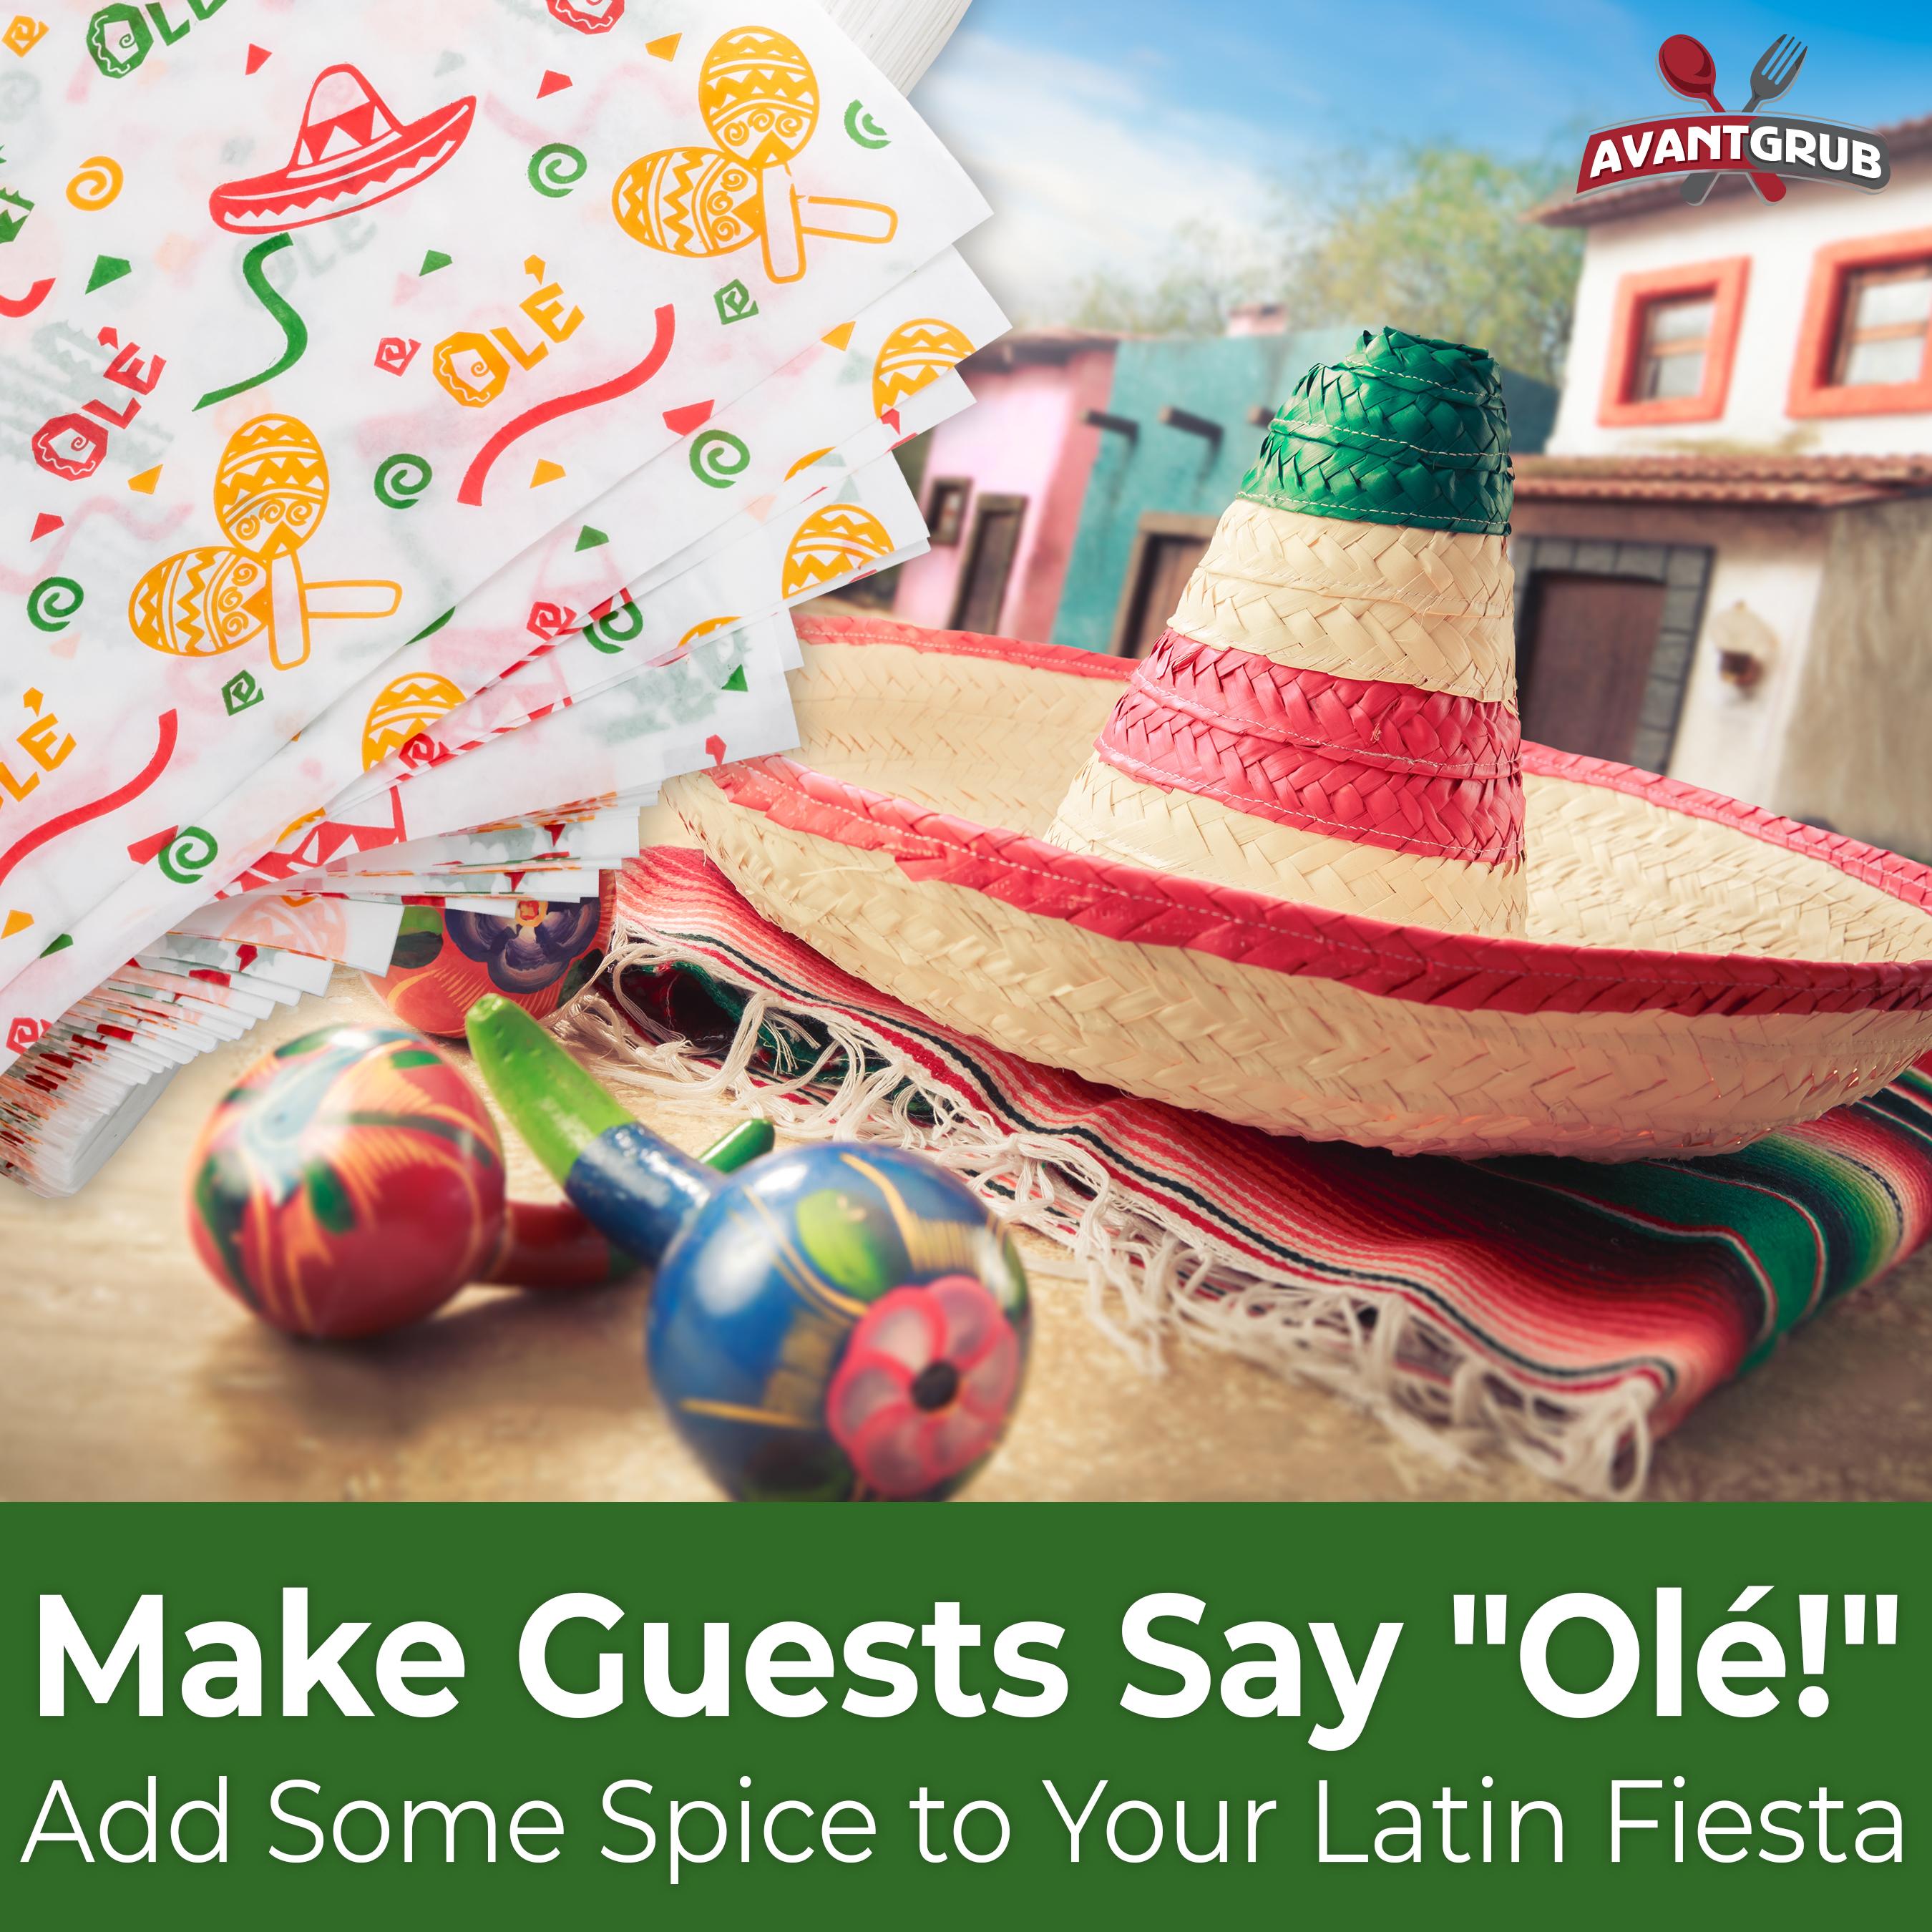 miniature 27 - Fiesta Style Mexican Deli Paper Liner 12x12 Burrito & Taco Wrapper by Avant Grub